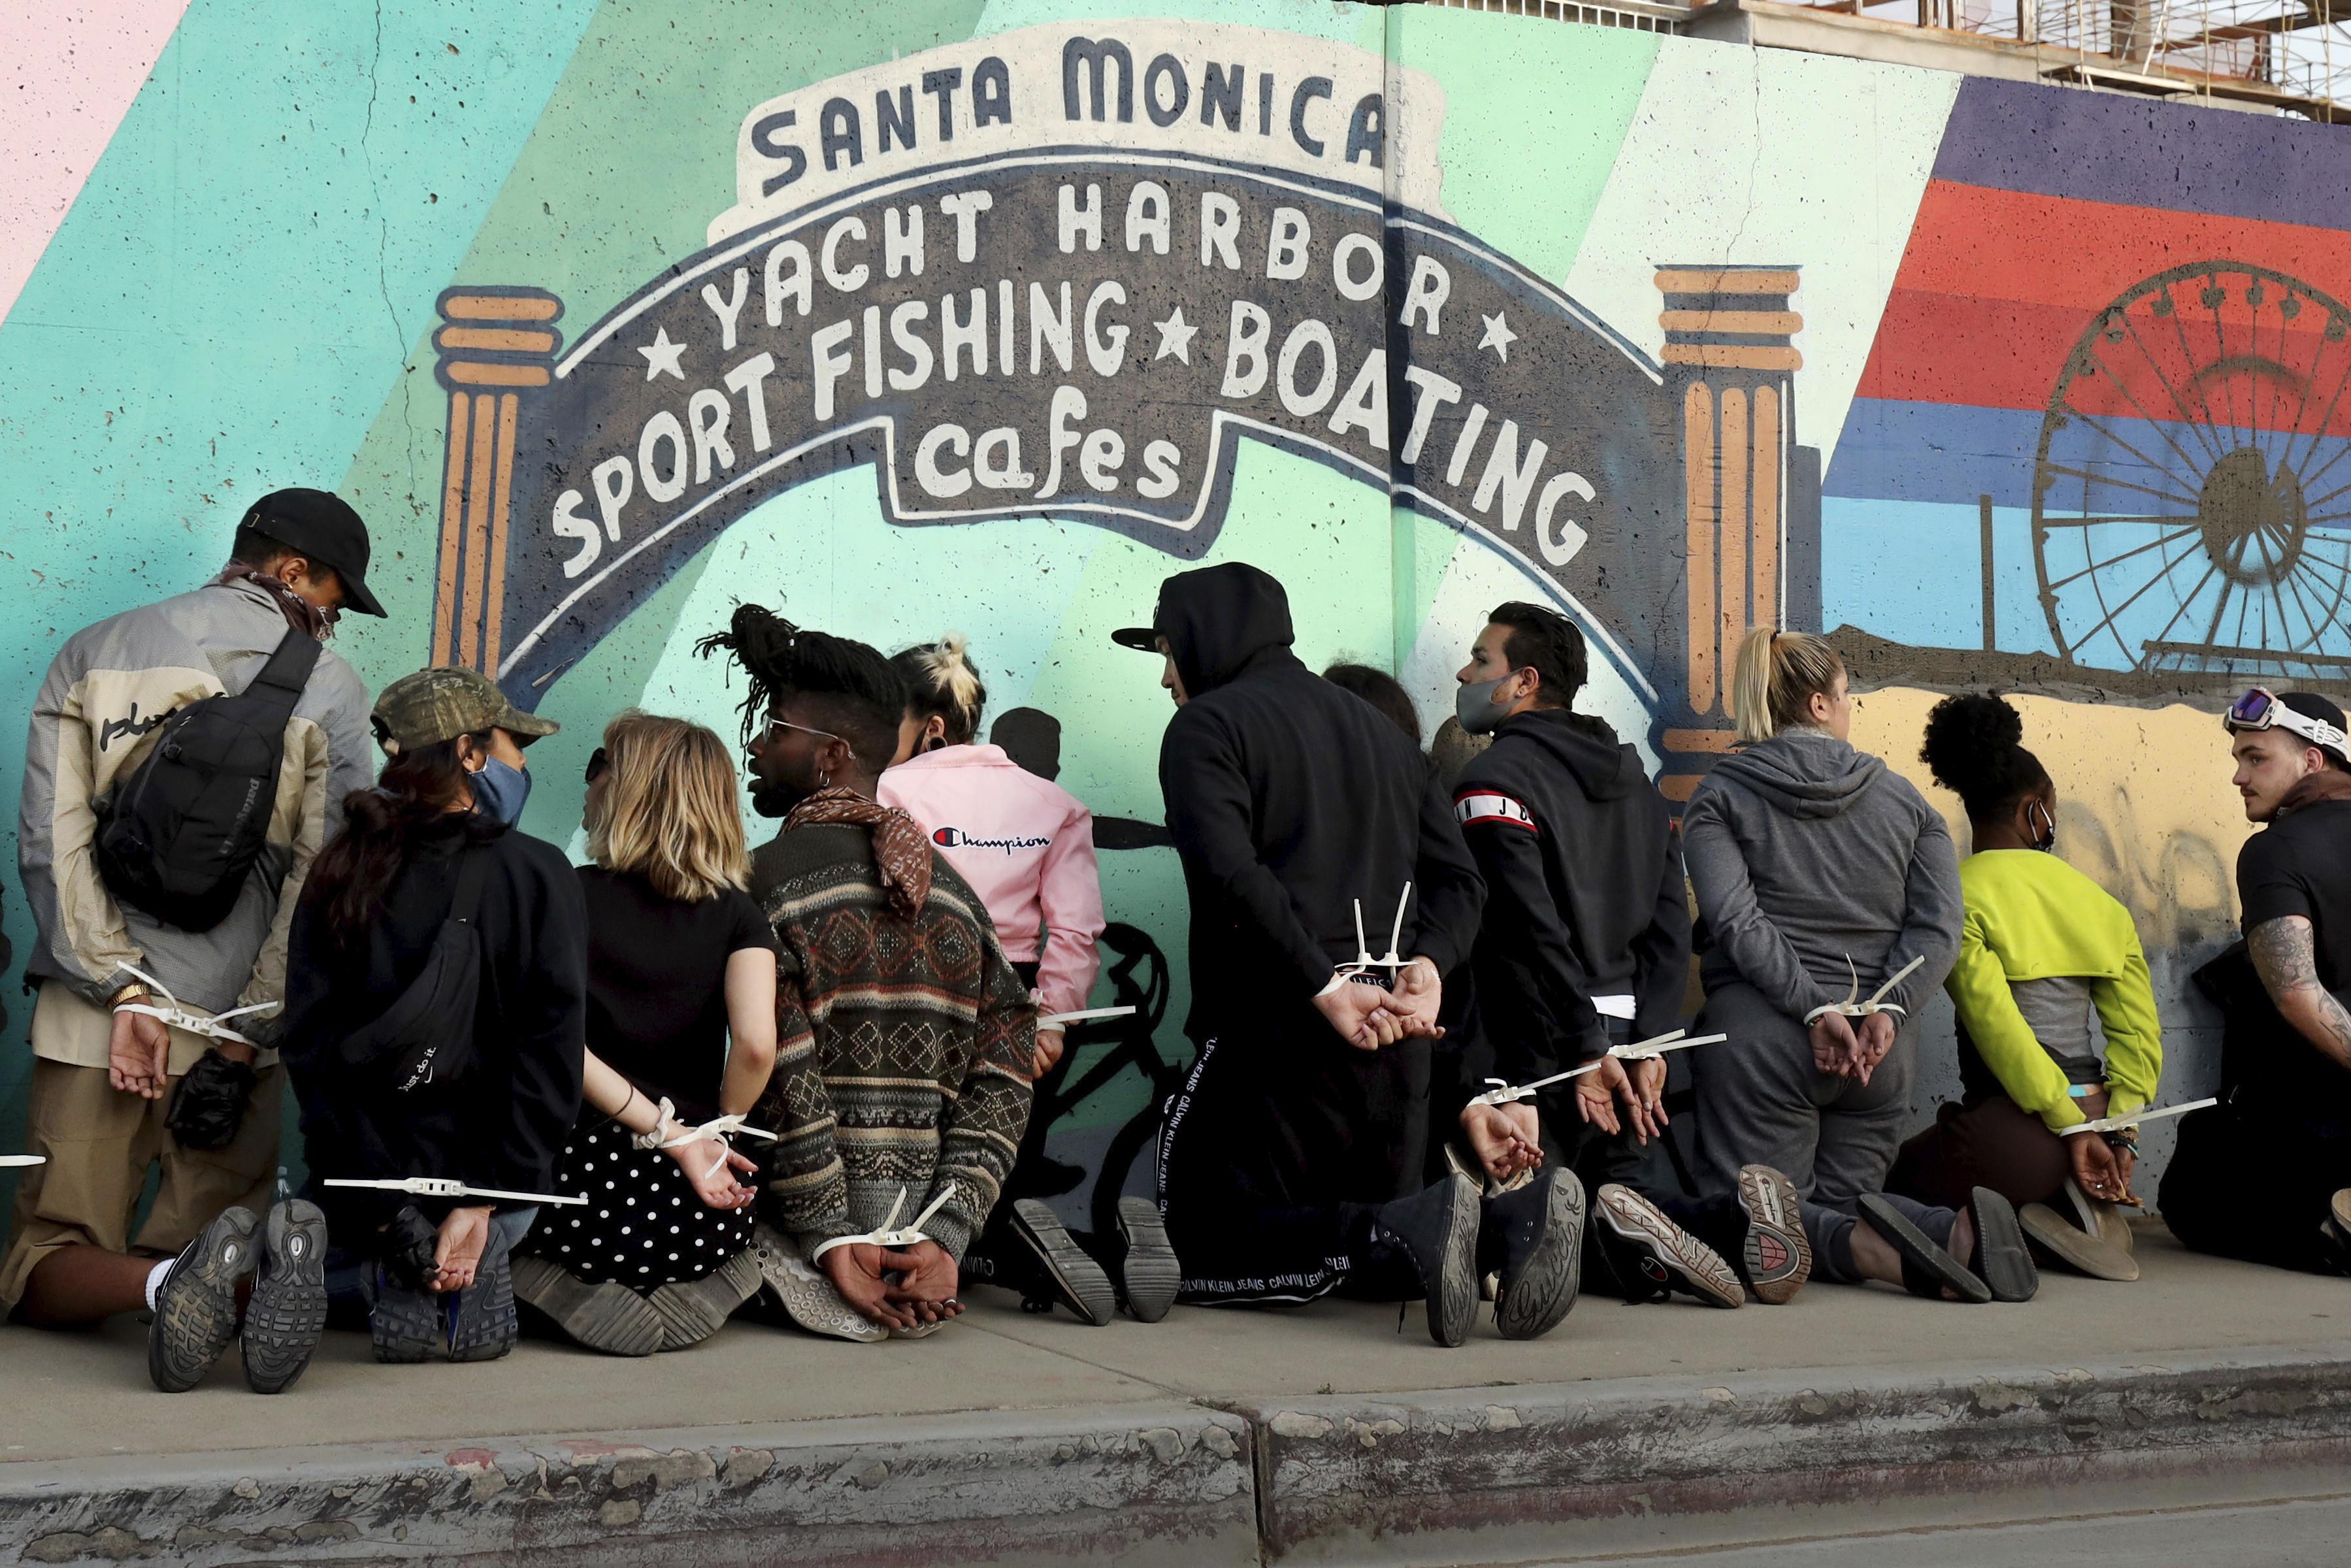 ▲▼美國聖莫尼卡抗議民眾遭警方逮捕,手綁起來一排靠在牆上(圖/達志影像/美聯社)